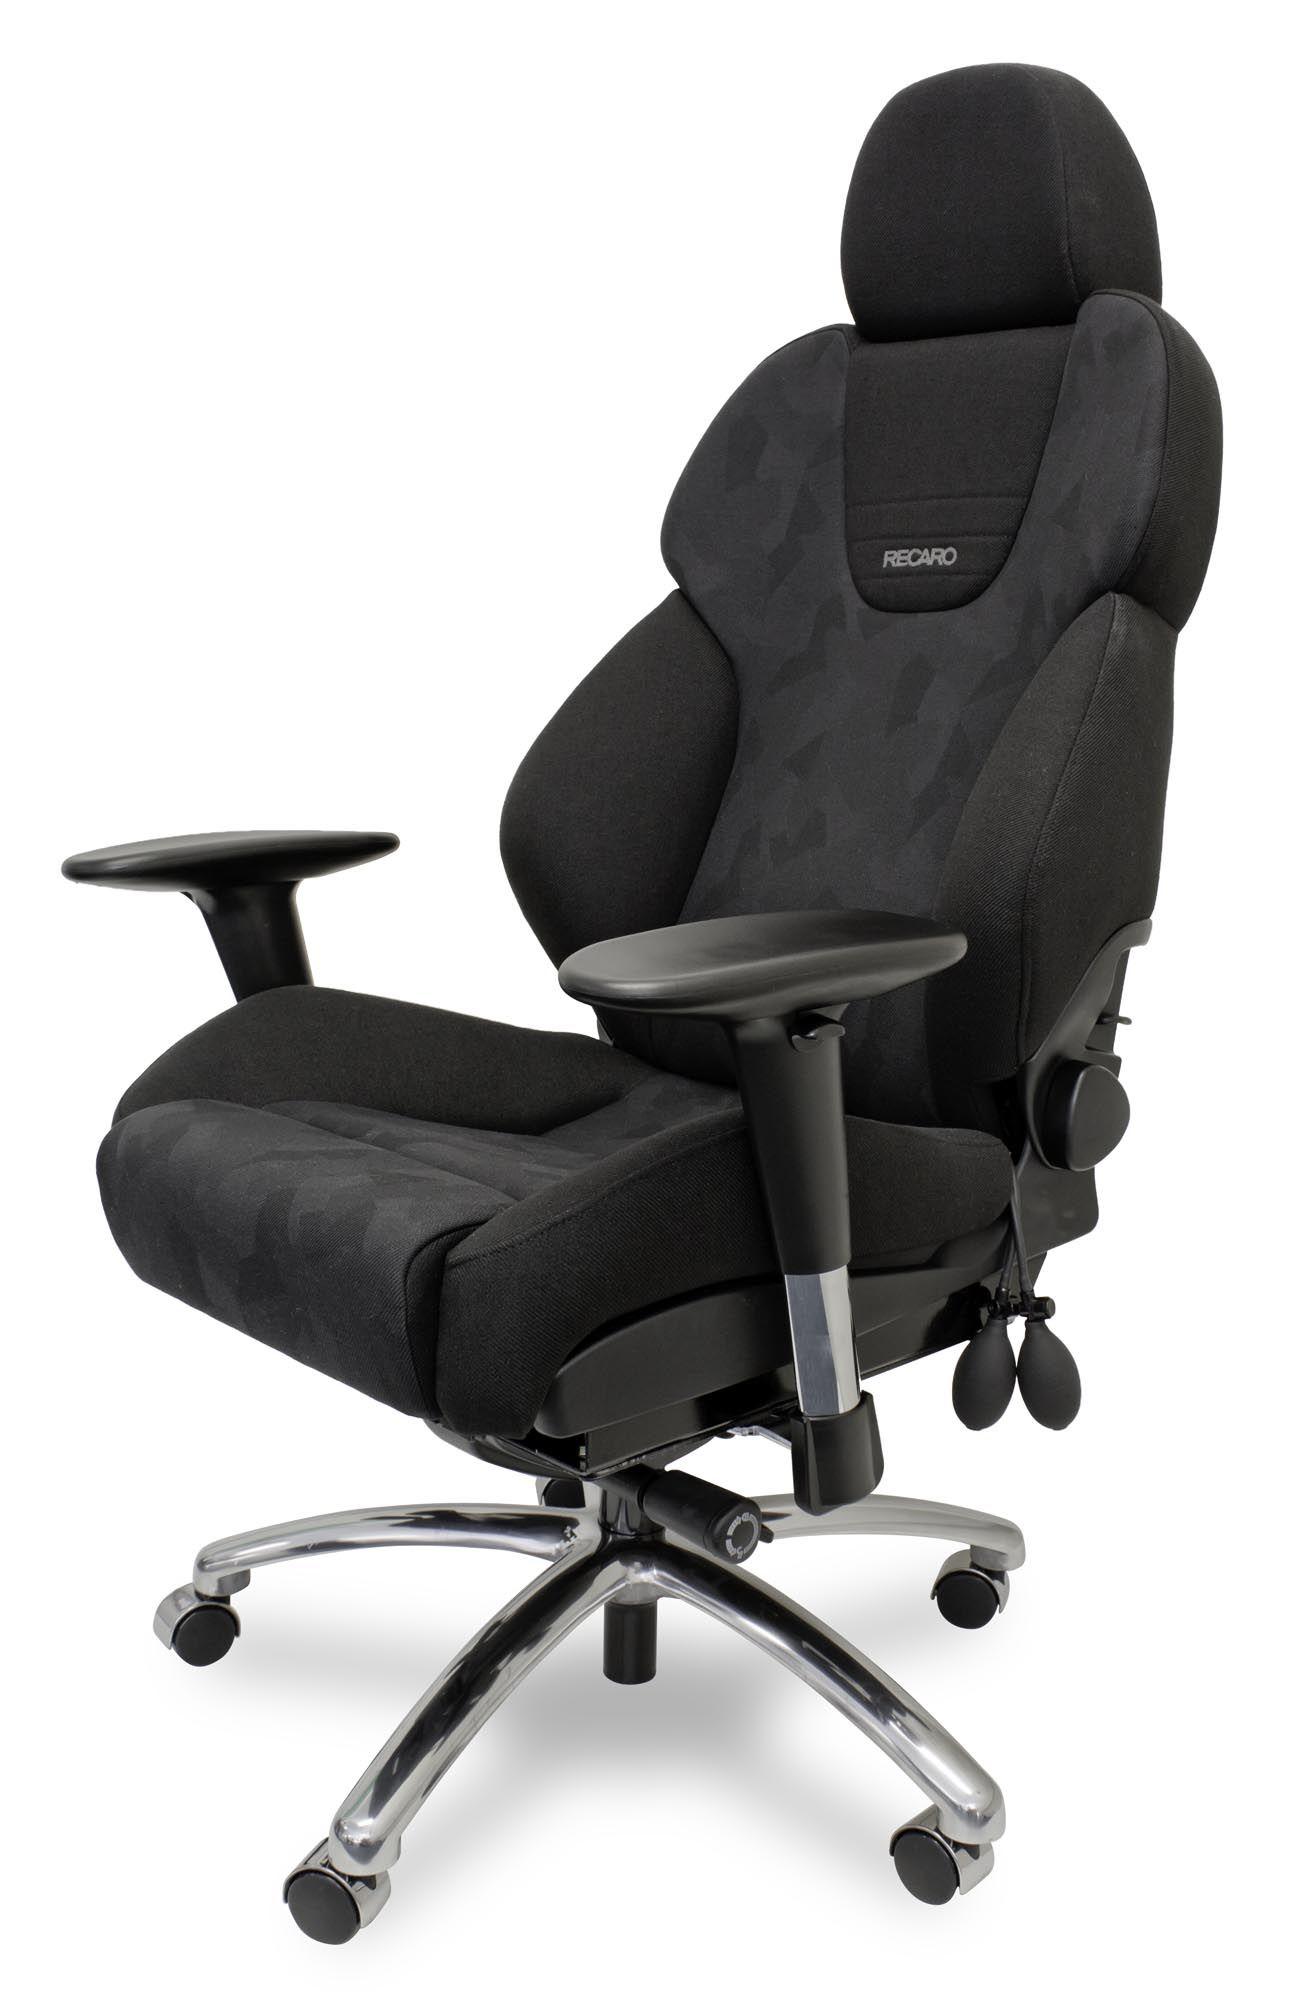 Büro Schreibtisch, Stühle, Lordosenstütze   BüroMöbel   Pinterest ...